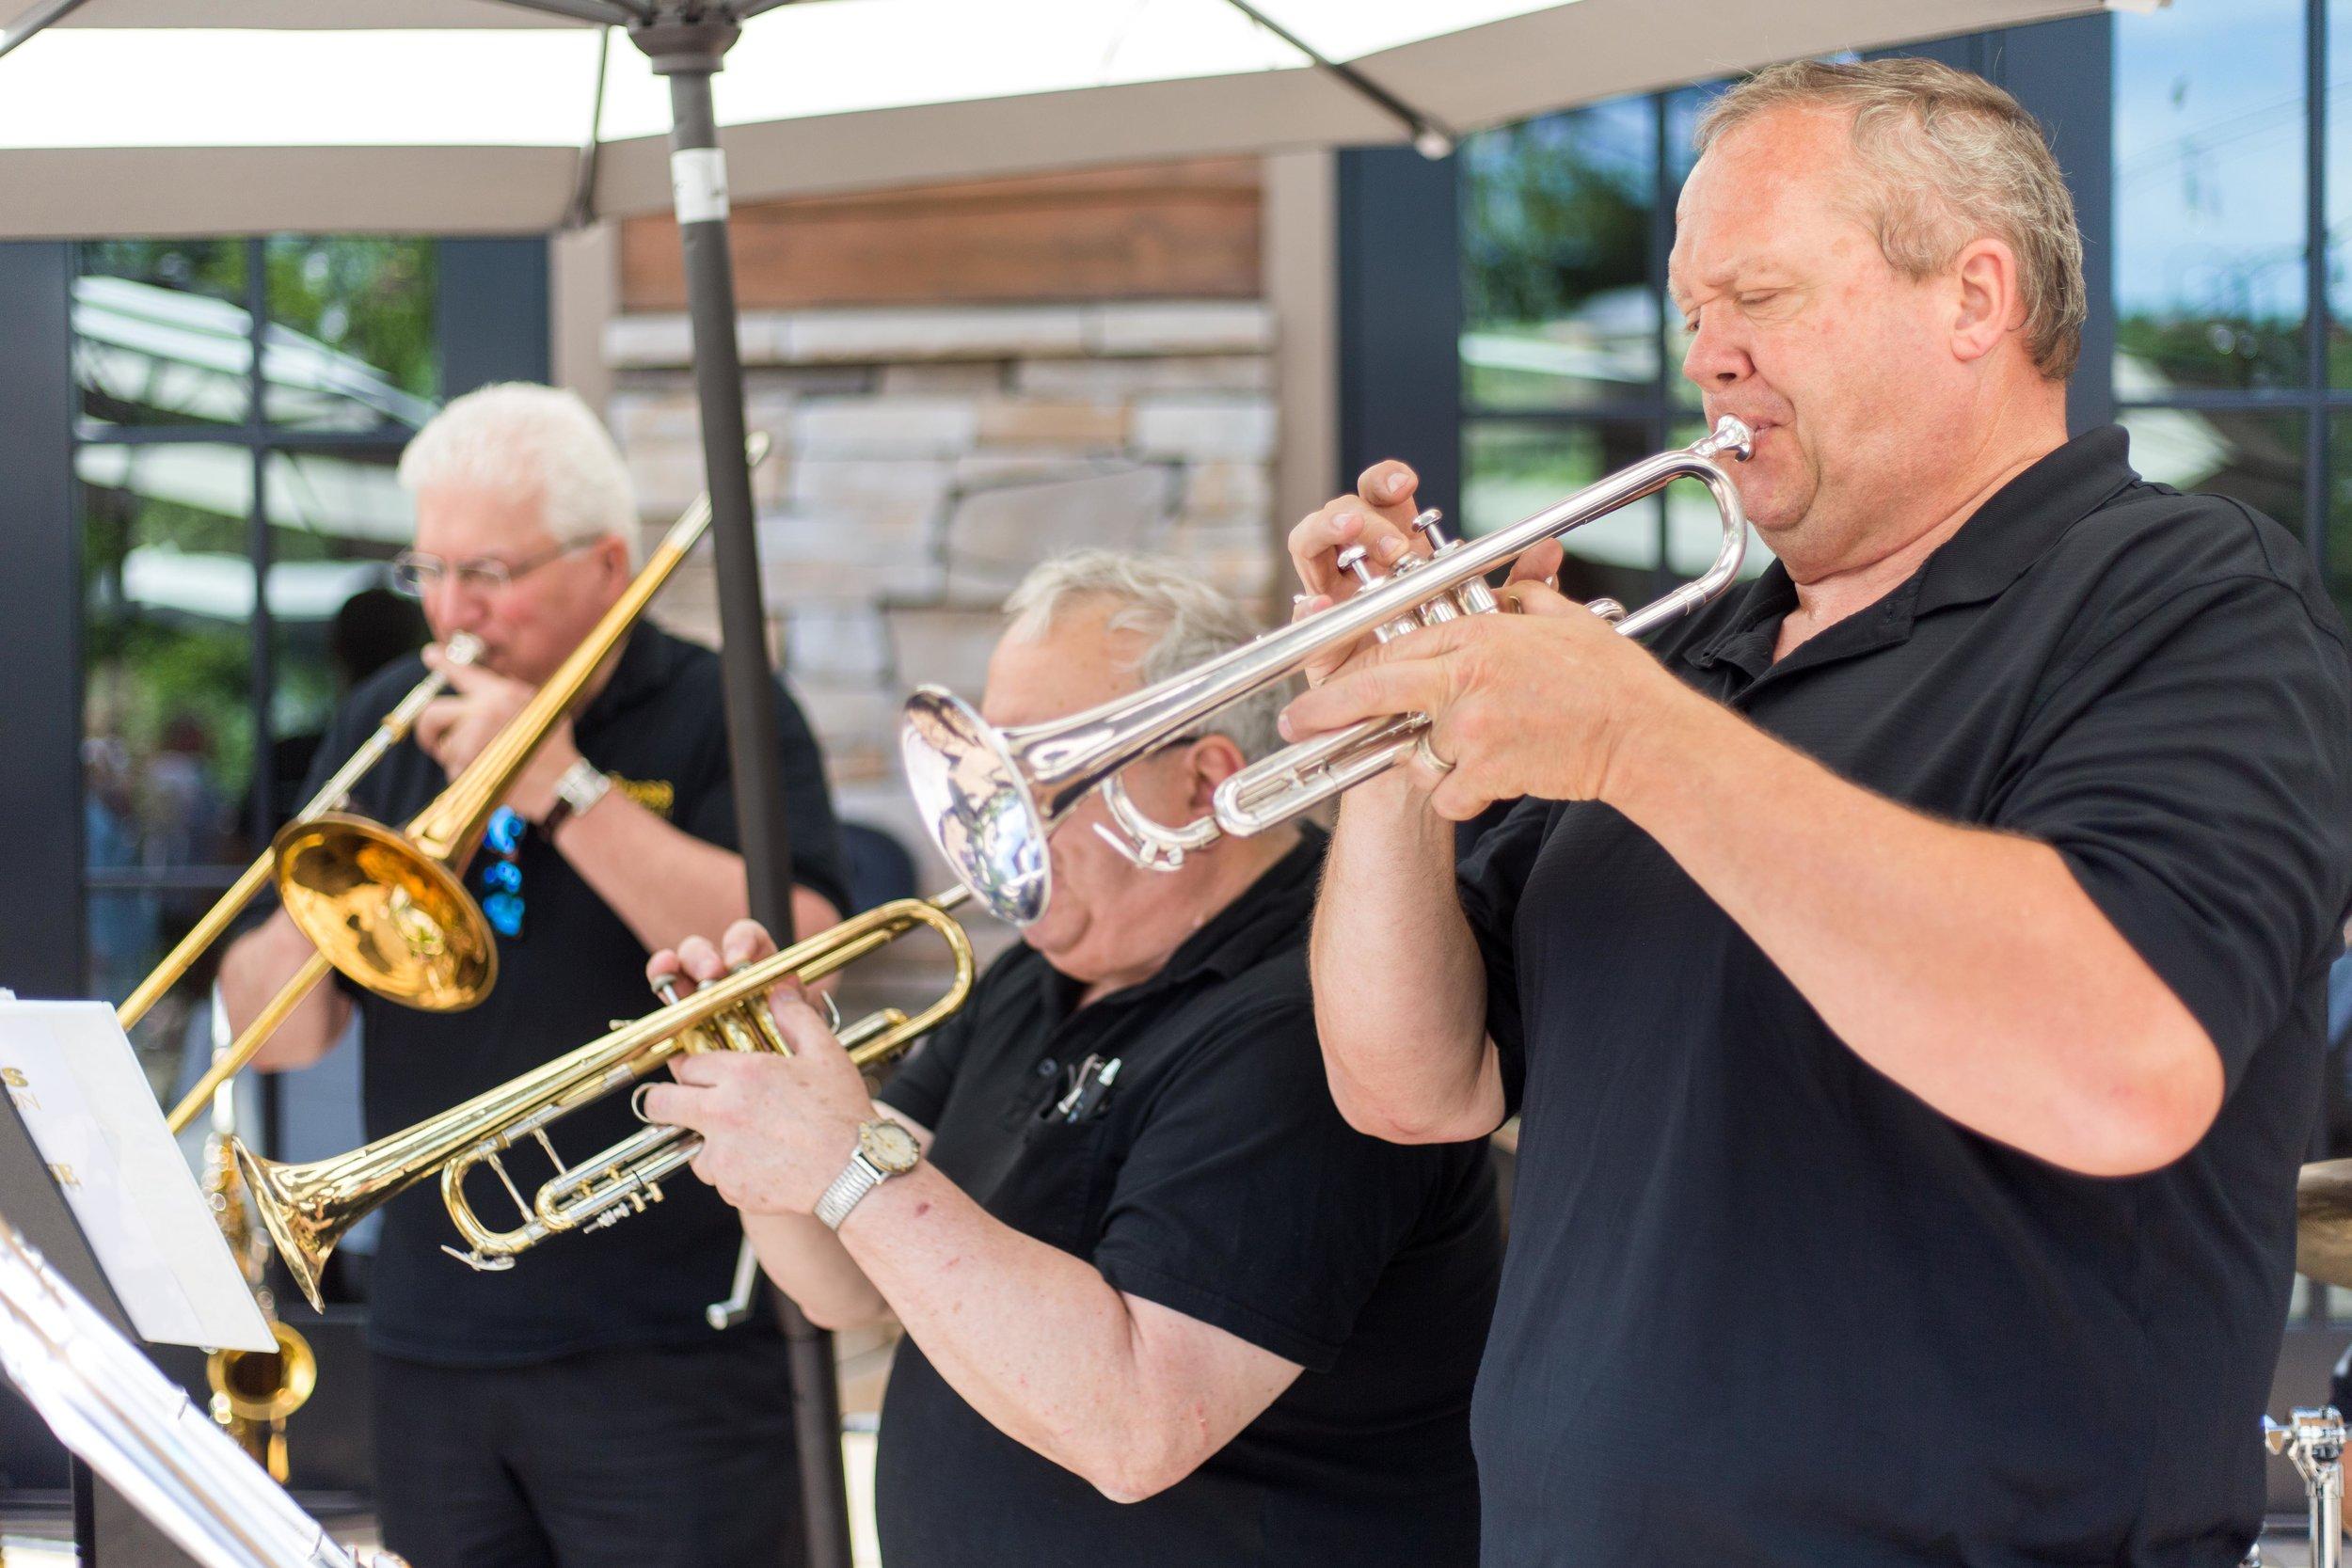 McLoones Boathouse West Orange NJ 100th Birthday Party Event Photos-15.jpg